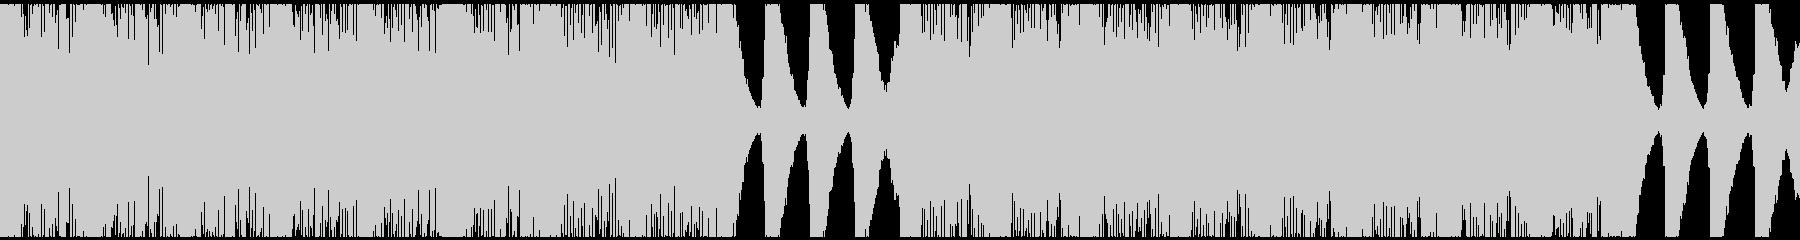 【ループ対応】洋画SFトレイラーの未再生の波形